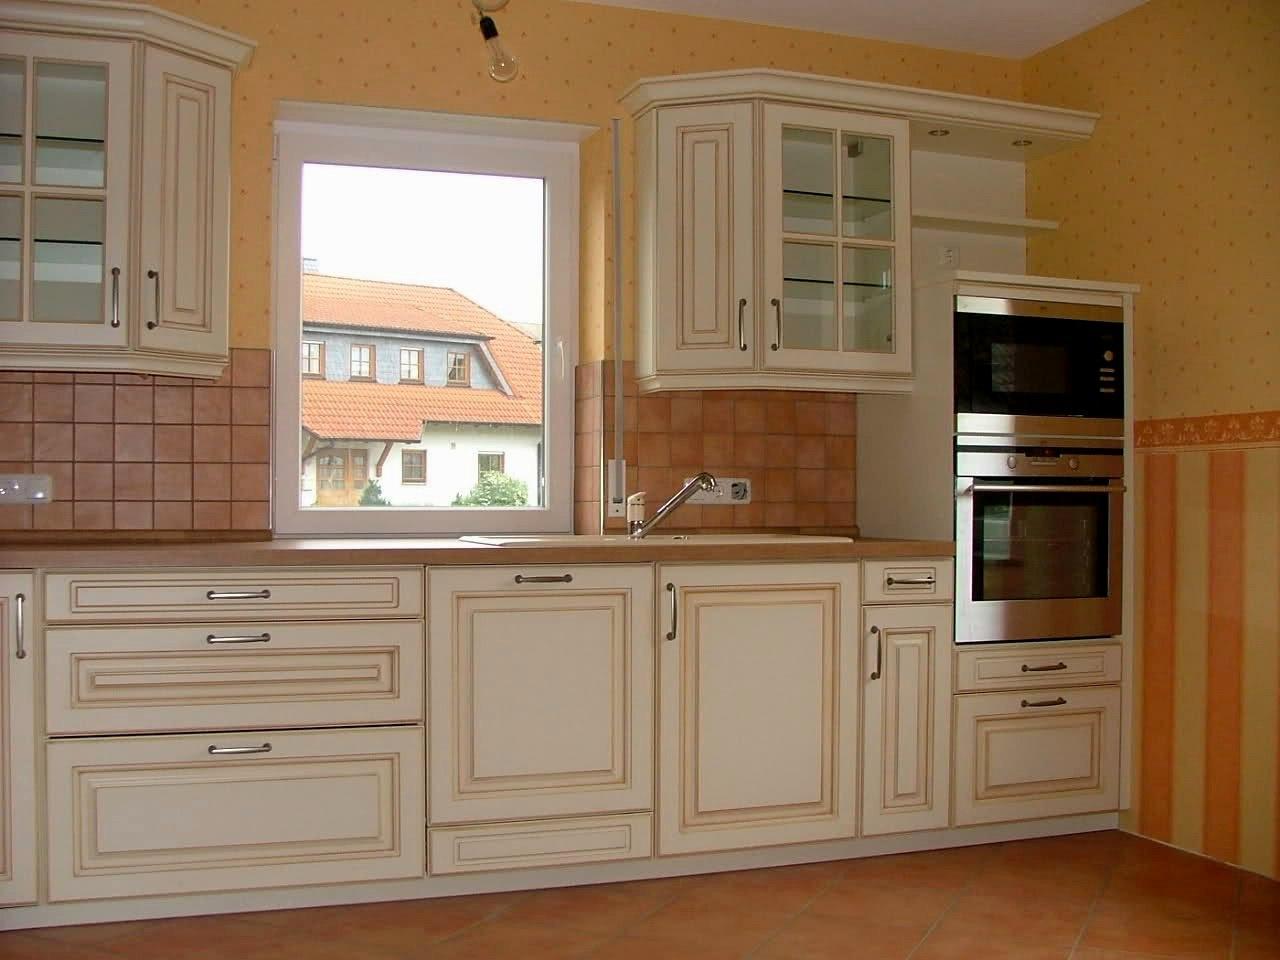 Full Size of Küchen Gebraucht Neu Nett Landhausküchen Gebraucht Rustikale Landhauskuechen Weiss Gr C3 Küche Landhausküche Weiß